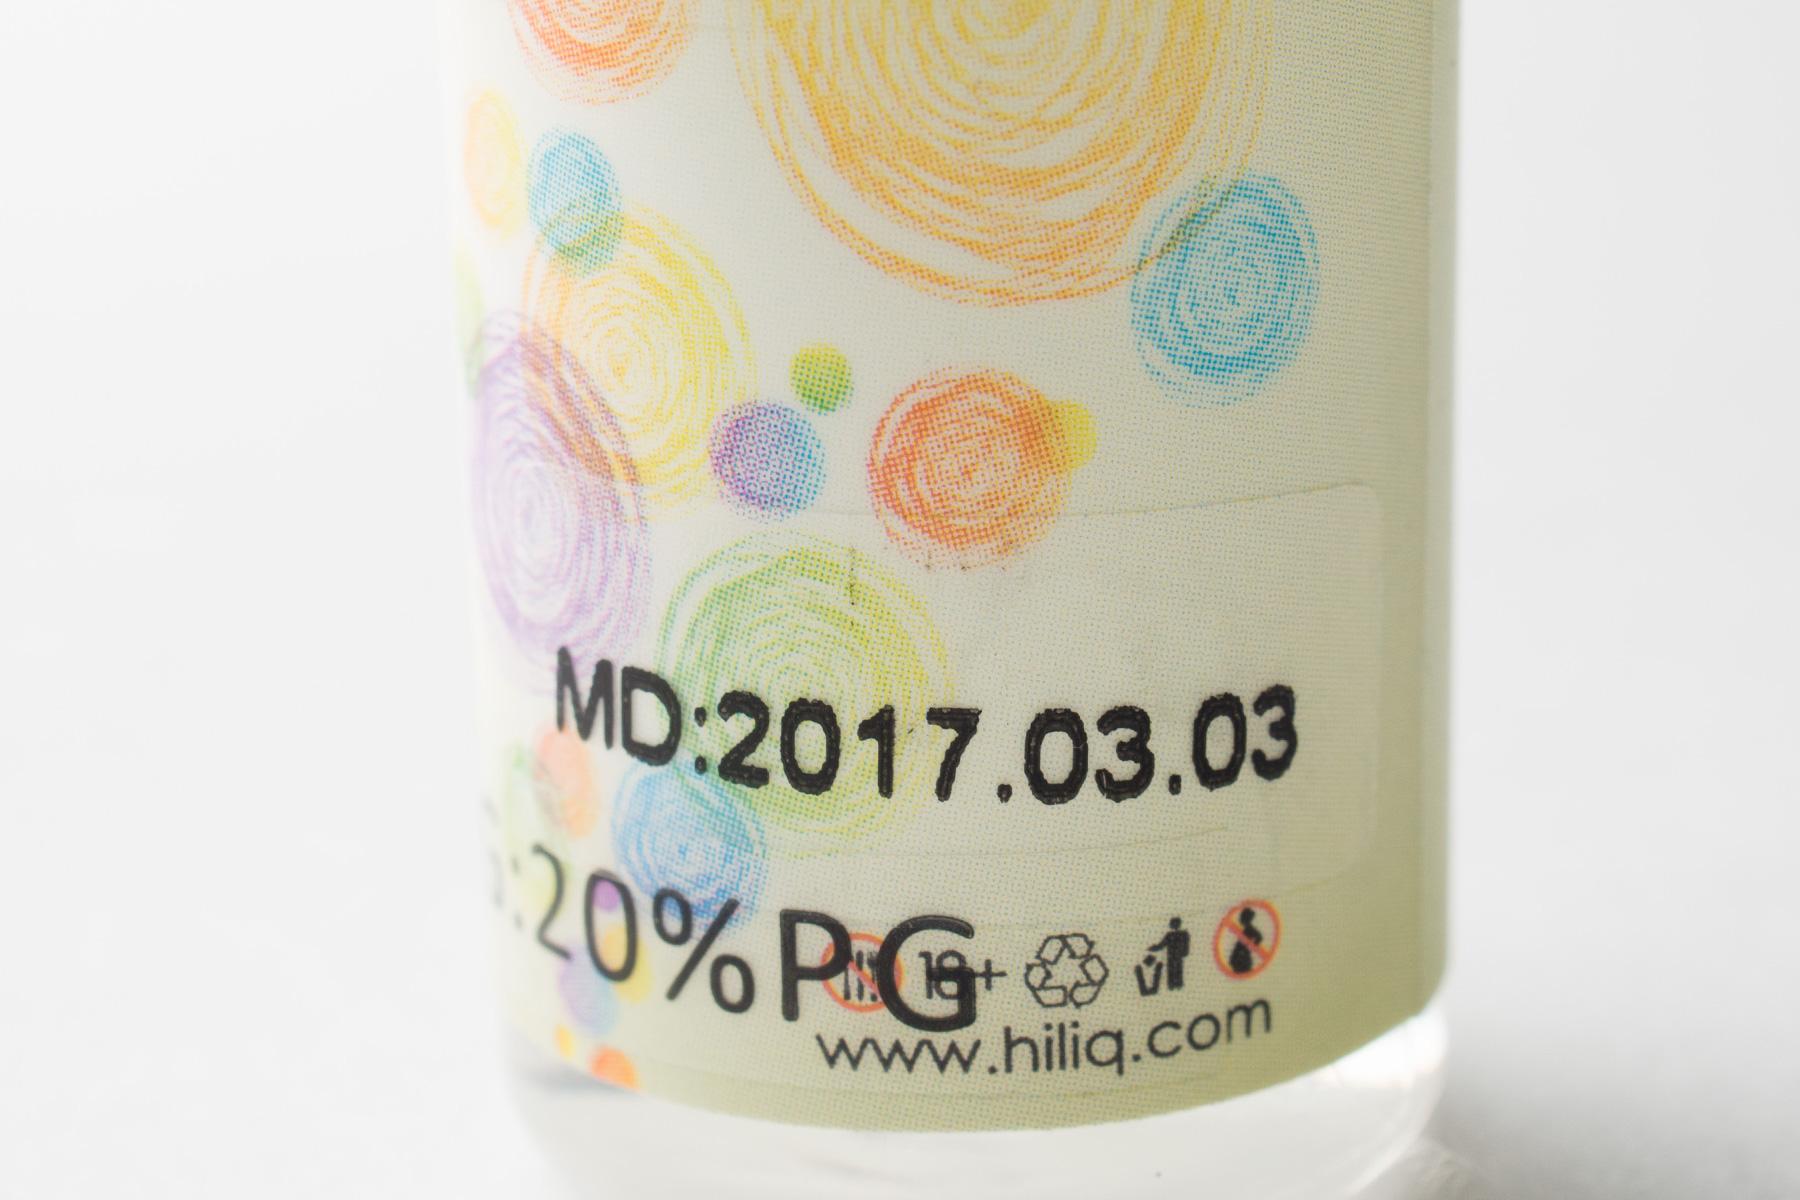 【リキッド】Mango Sorbet「マンゴーシャーベット」 (HiLIQ ハイリク) レビュー